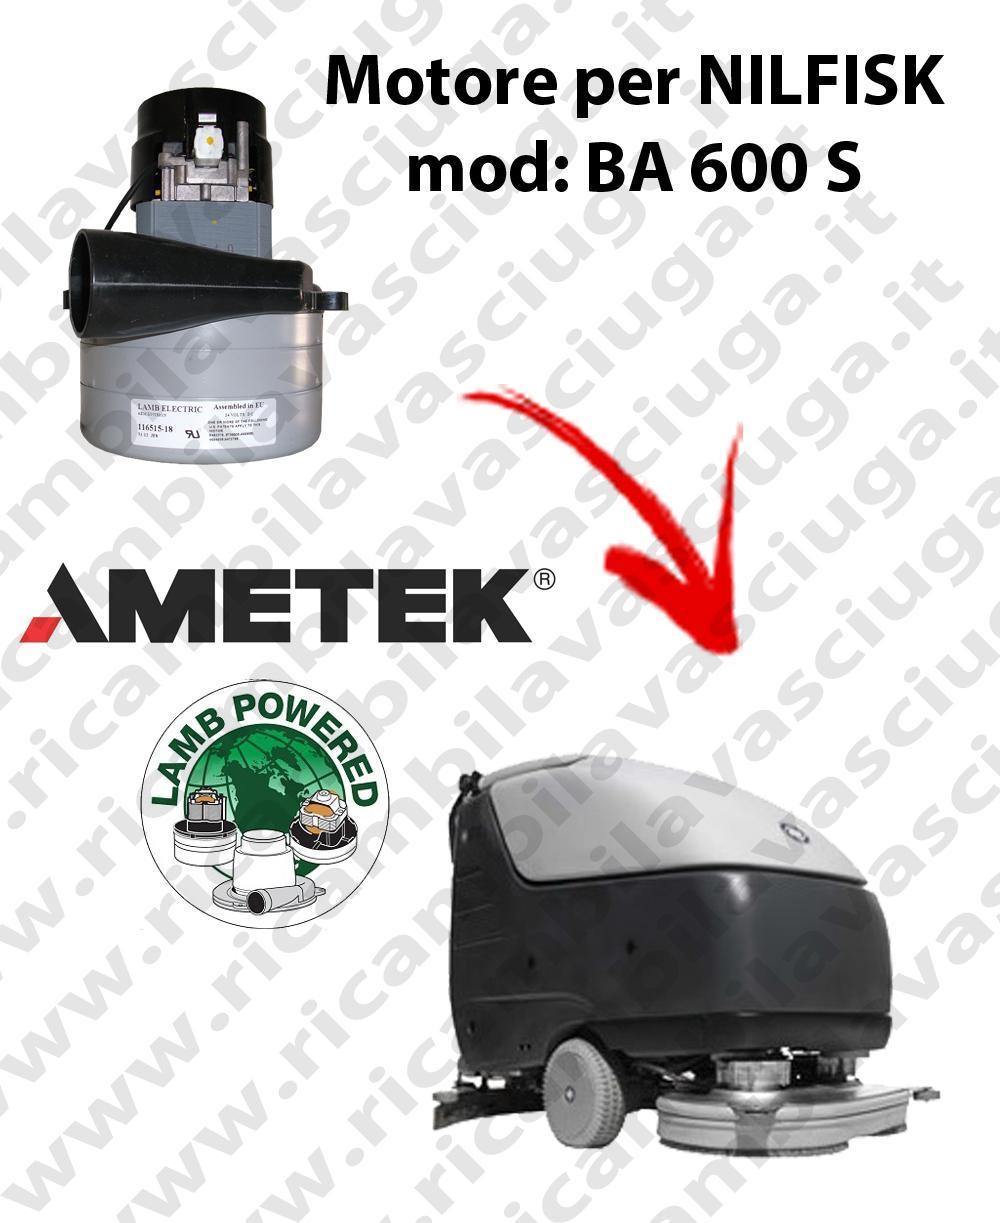 BA 600 S Motore de aspiración LAMB AMETEK para fregadora NILFISK